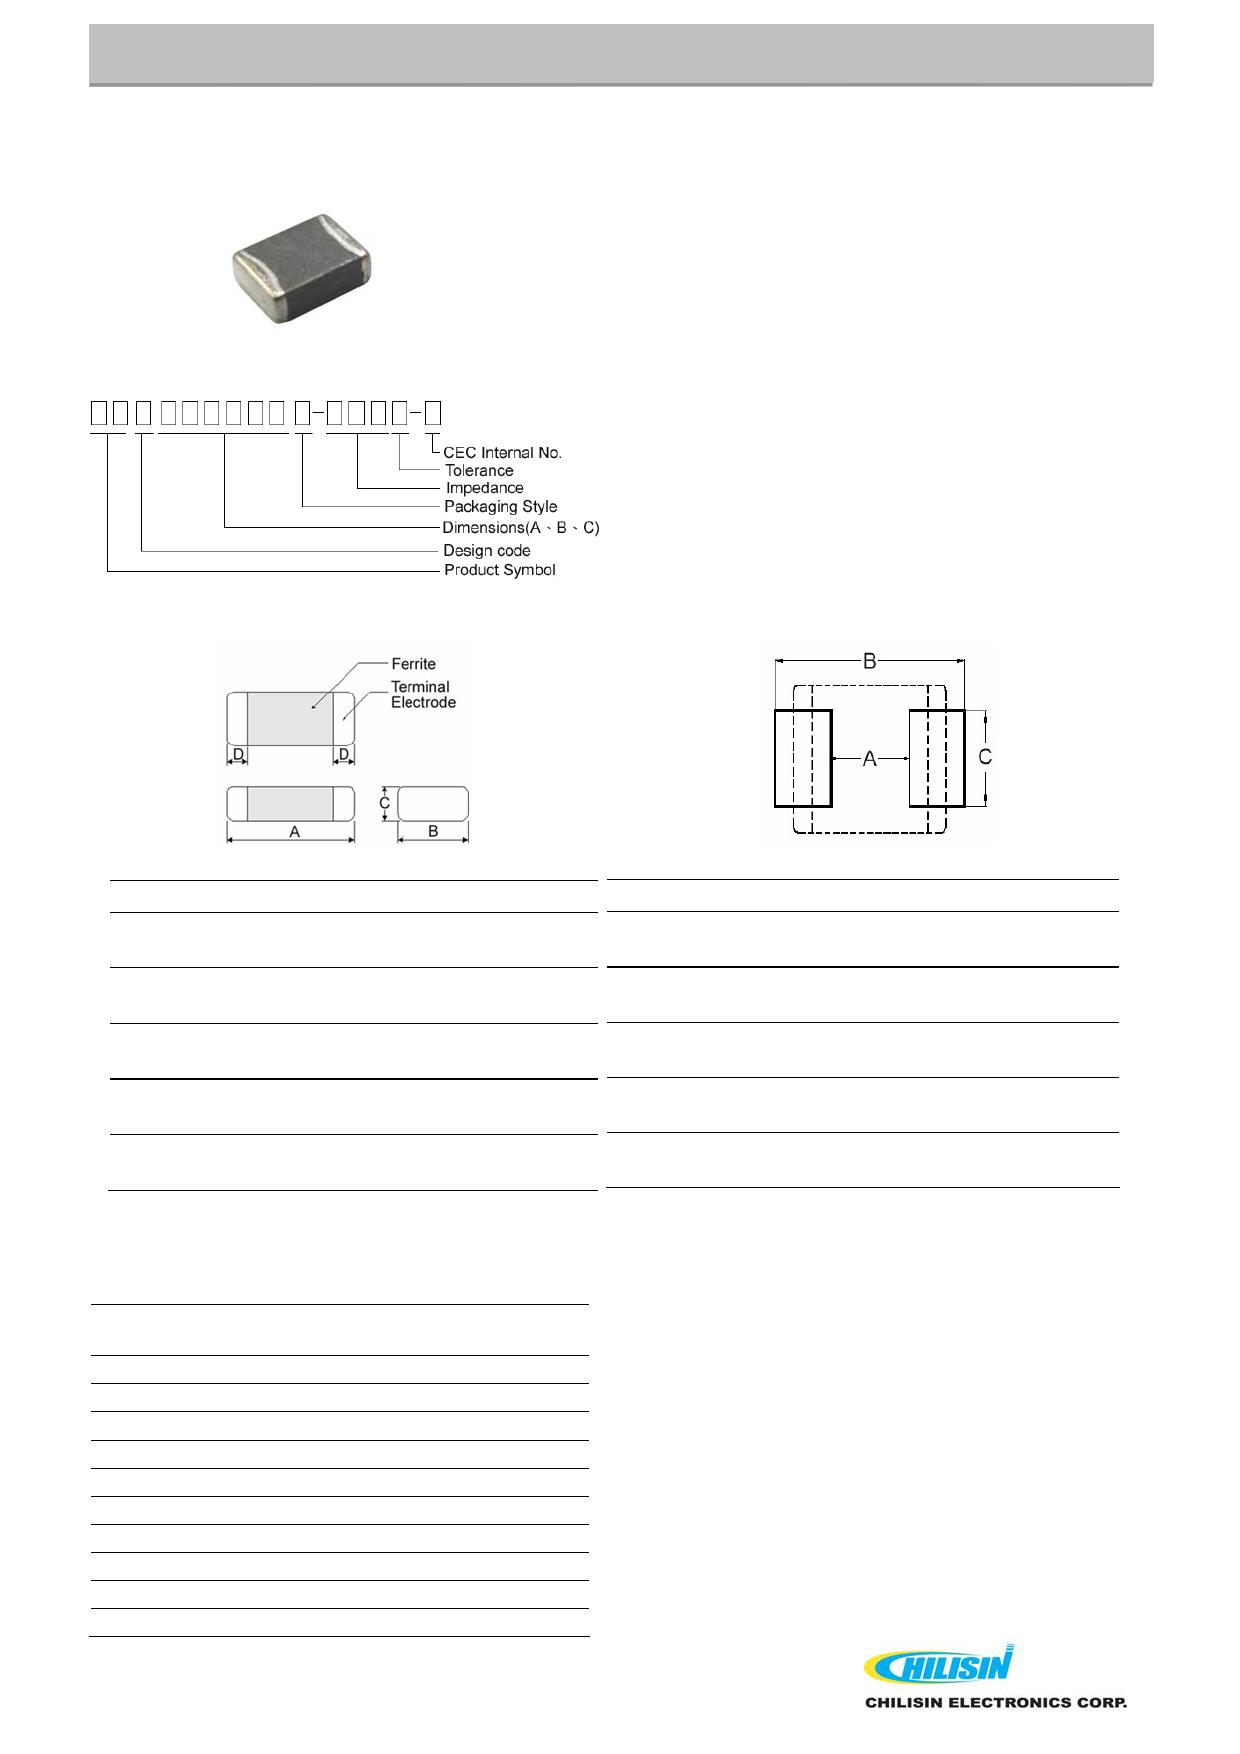 SBJ060303T 데이터시트 및 SBJ060303T PDF